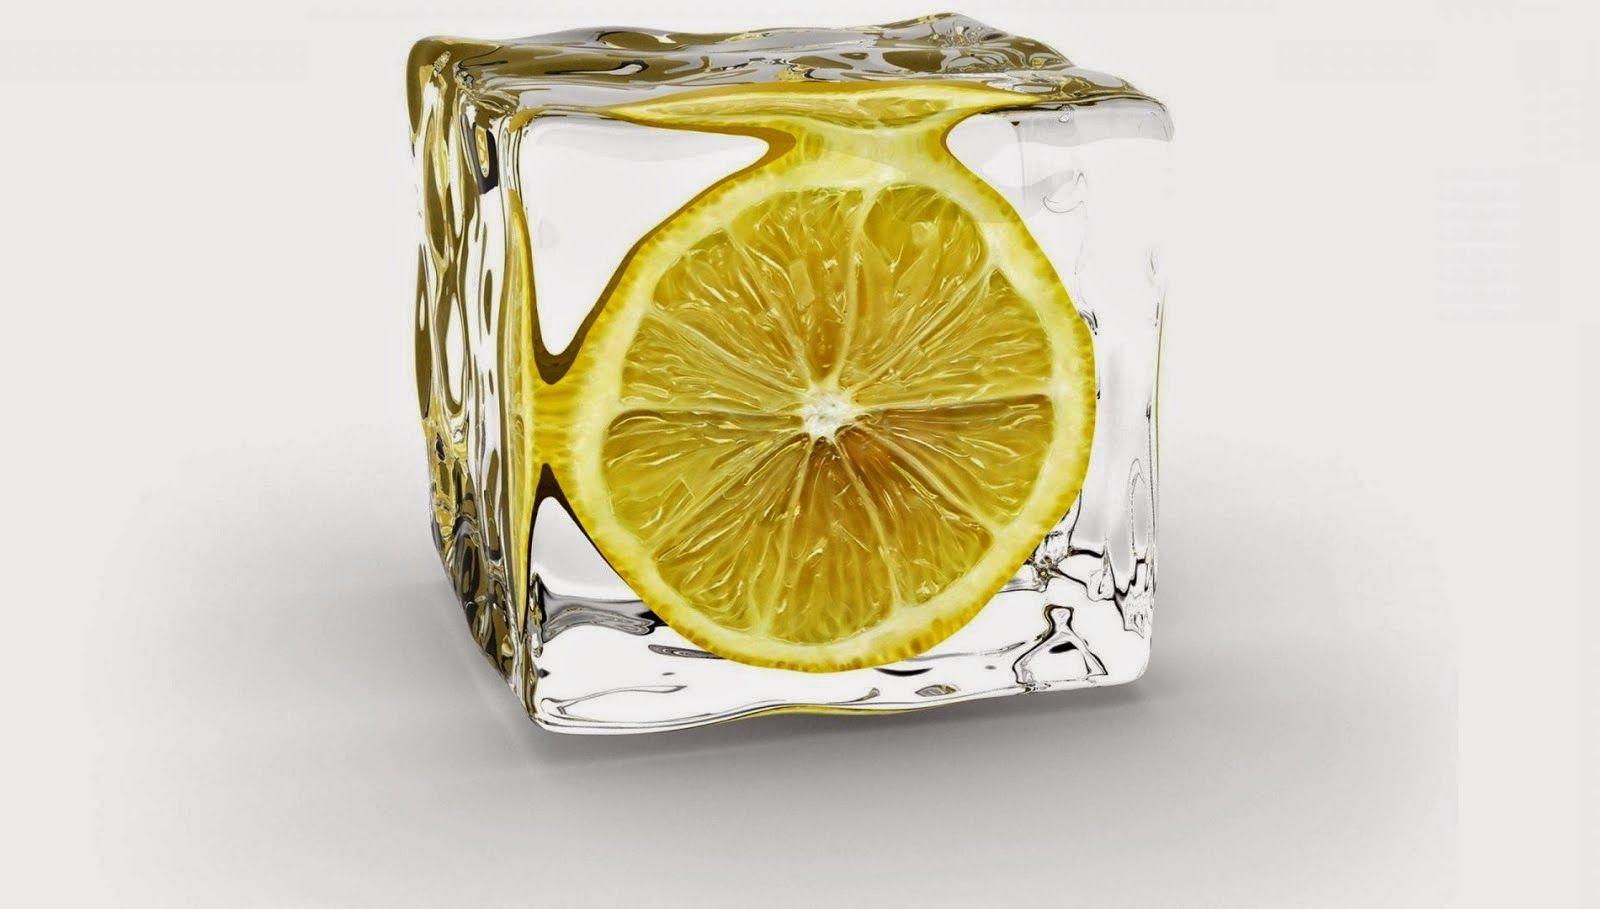 Limon congelado, lo mejor contra los tumores malignos del cuerpo - ConsejosdeSalud.info